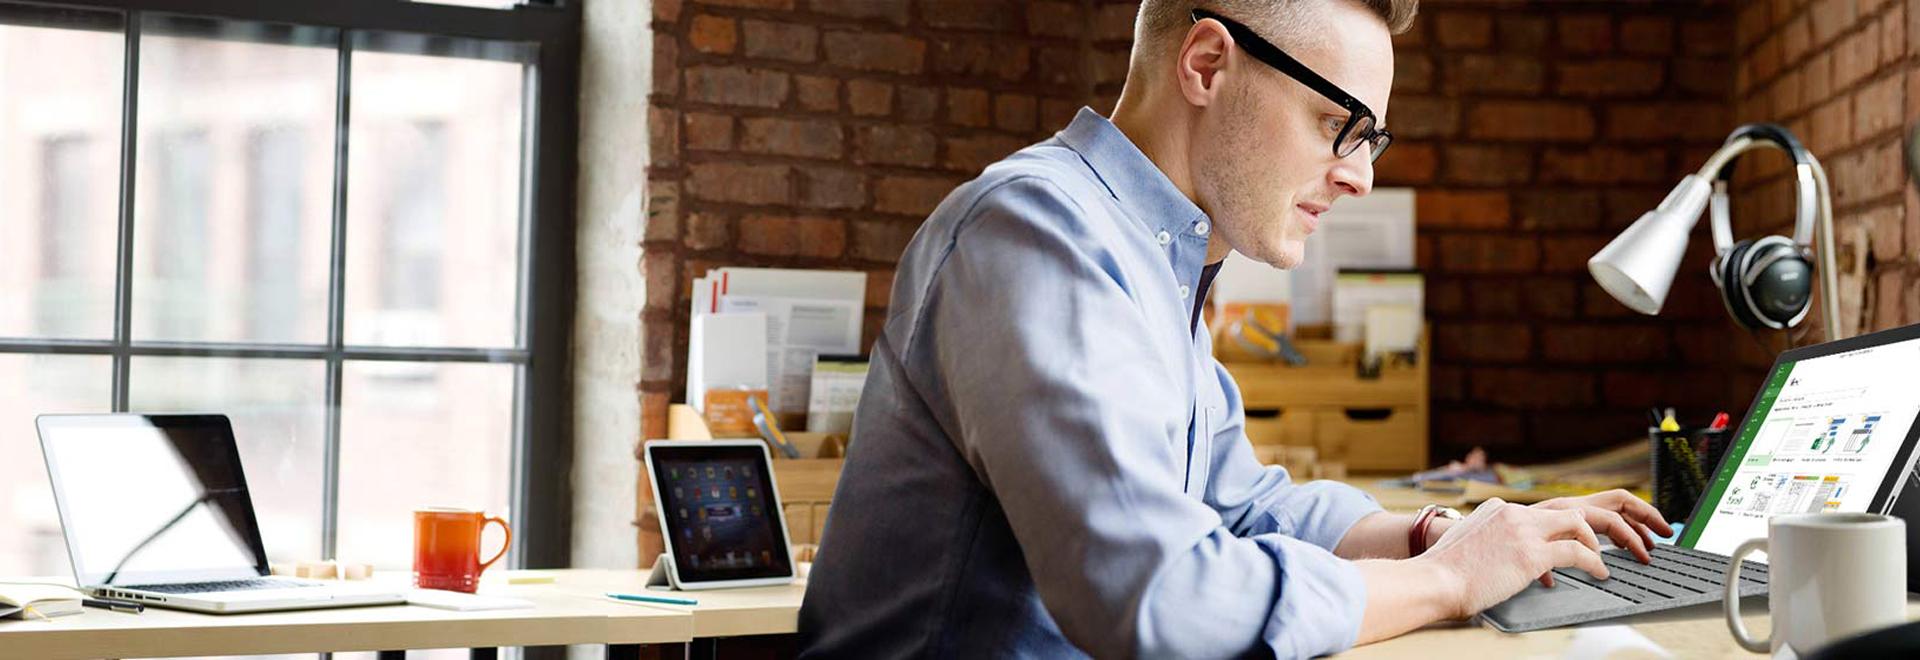 Um homem sentado em uma mesa, trabalhando em um tablet com o Surface, usando o Microsoft Project.